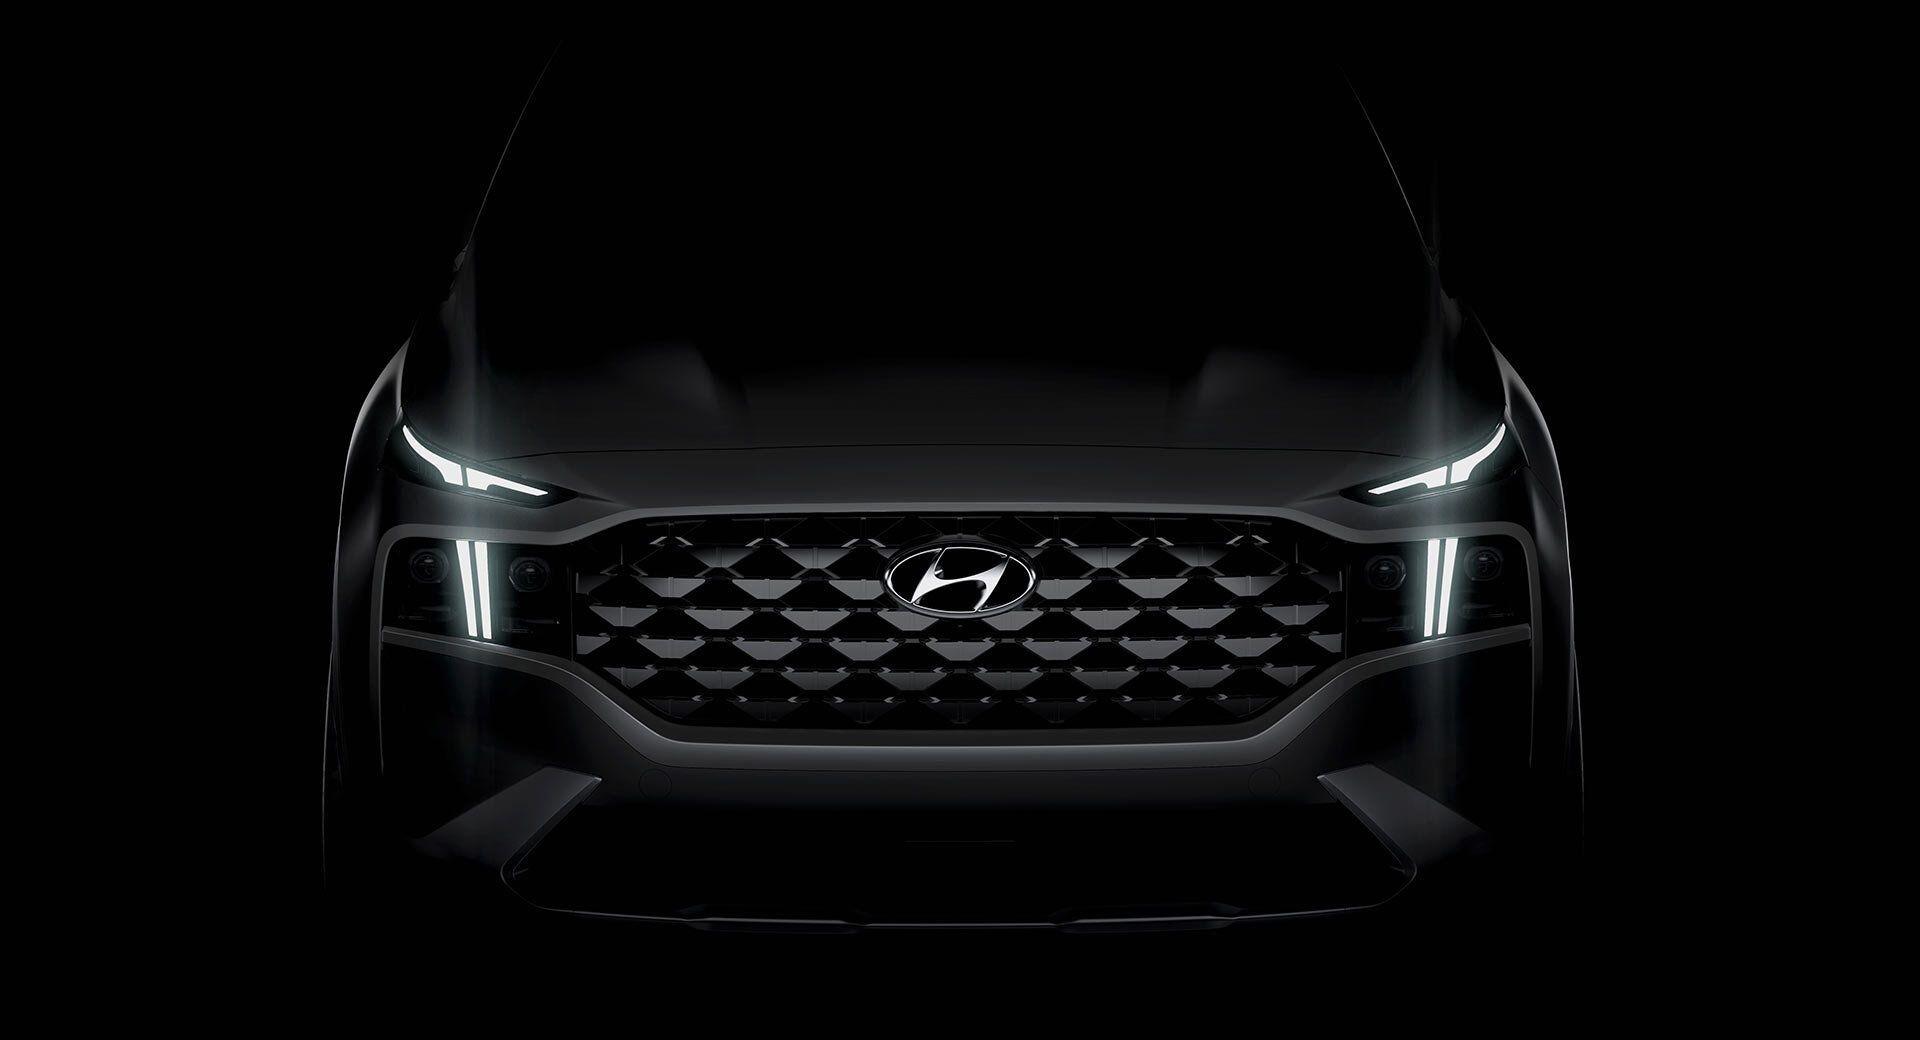 Hyundai Santa Fe 2021. Оформление решетки меняется в зависимости от комплектации